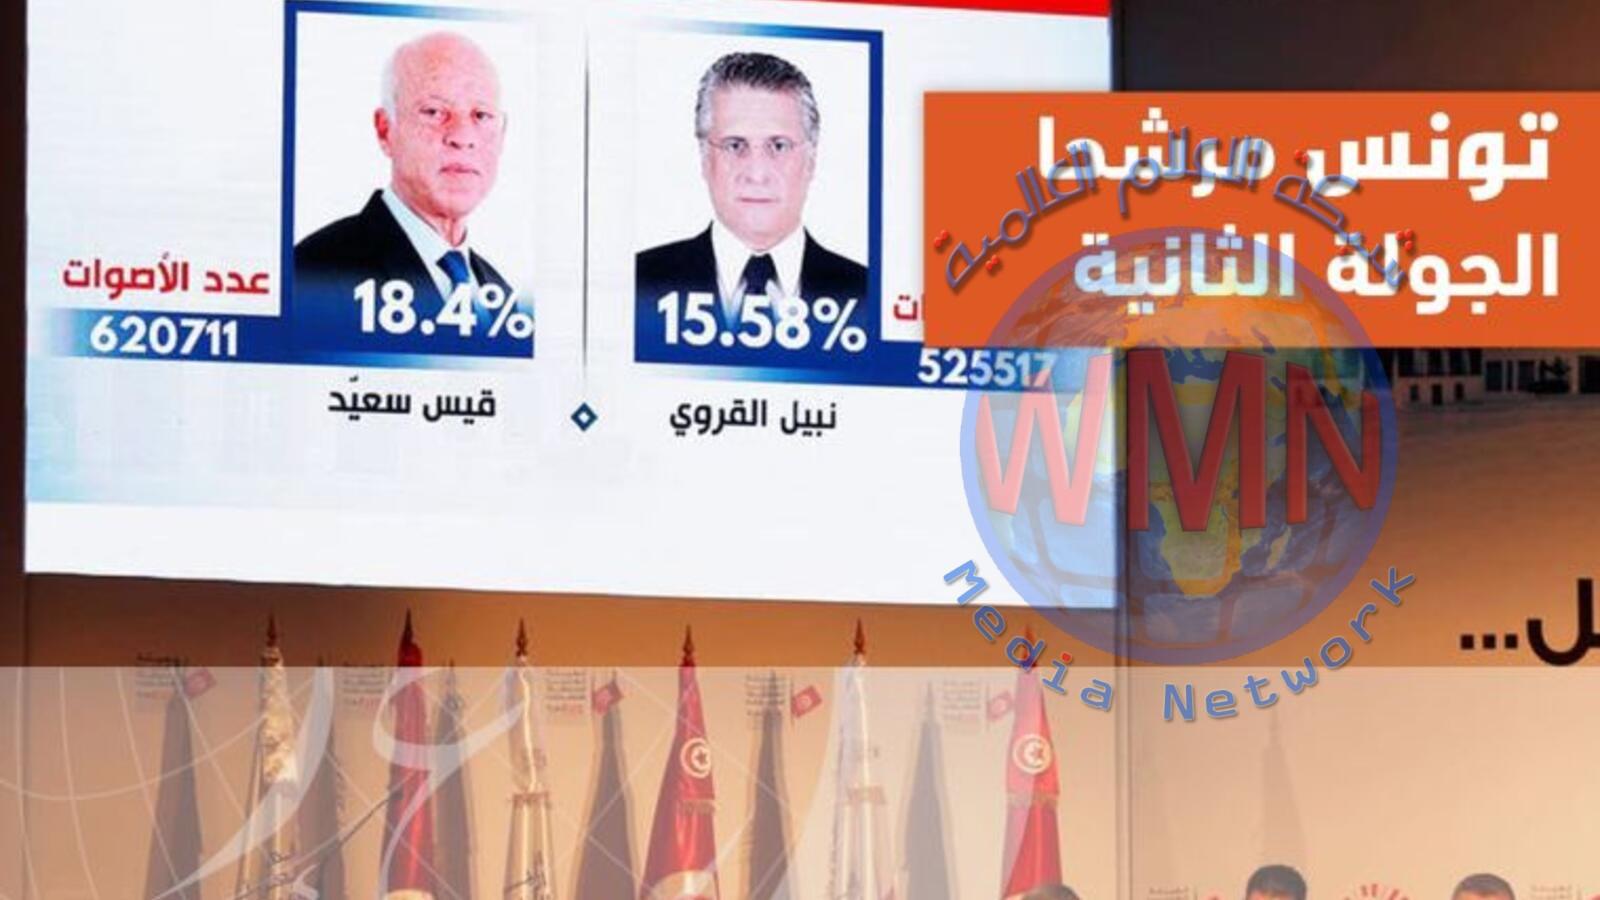 13 أكتوبر موعدا للجولة الثانية للرئاسيات في تونس